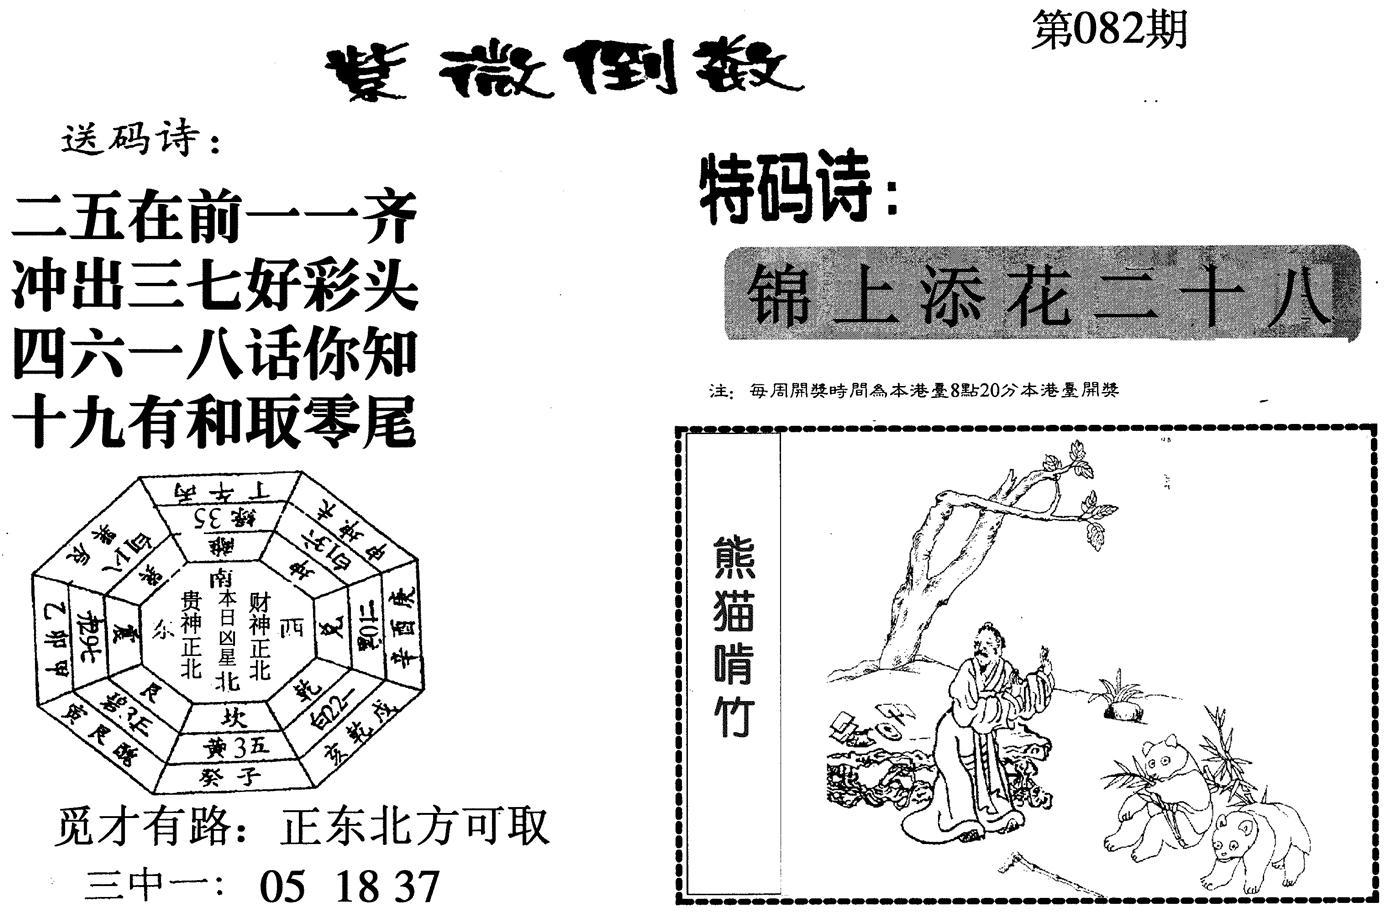 082期紫微倒数(黑白)